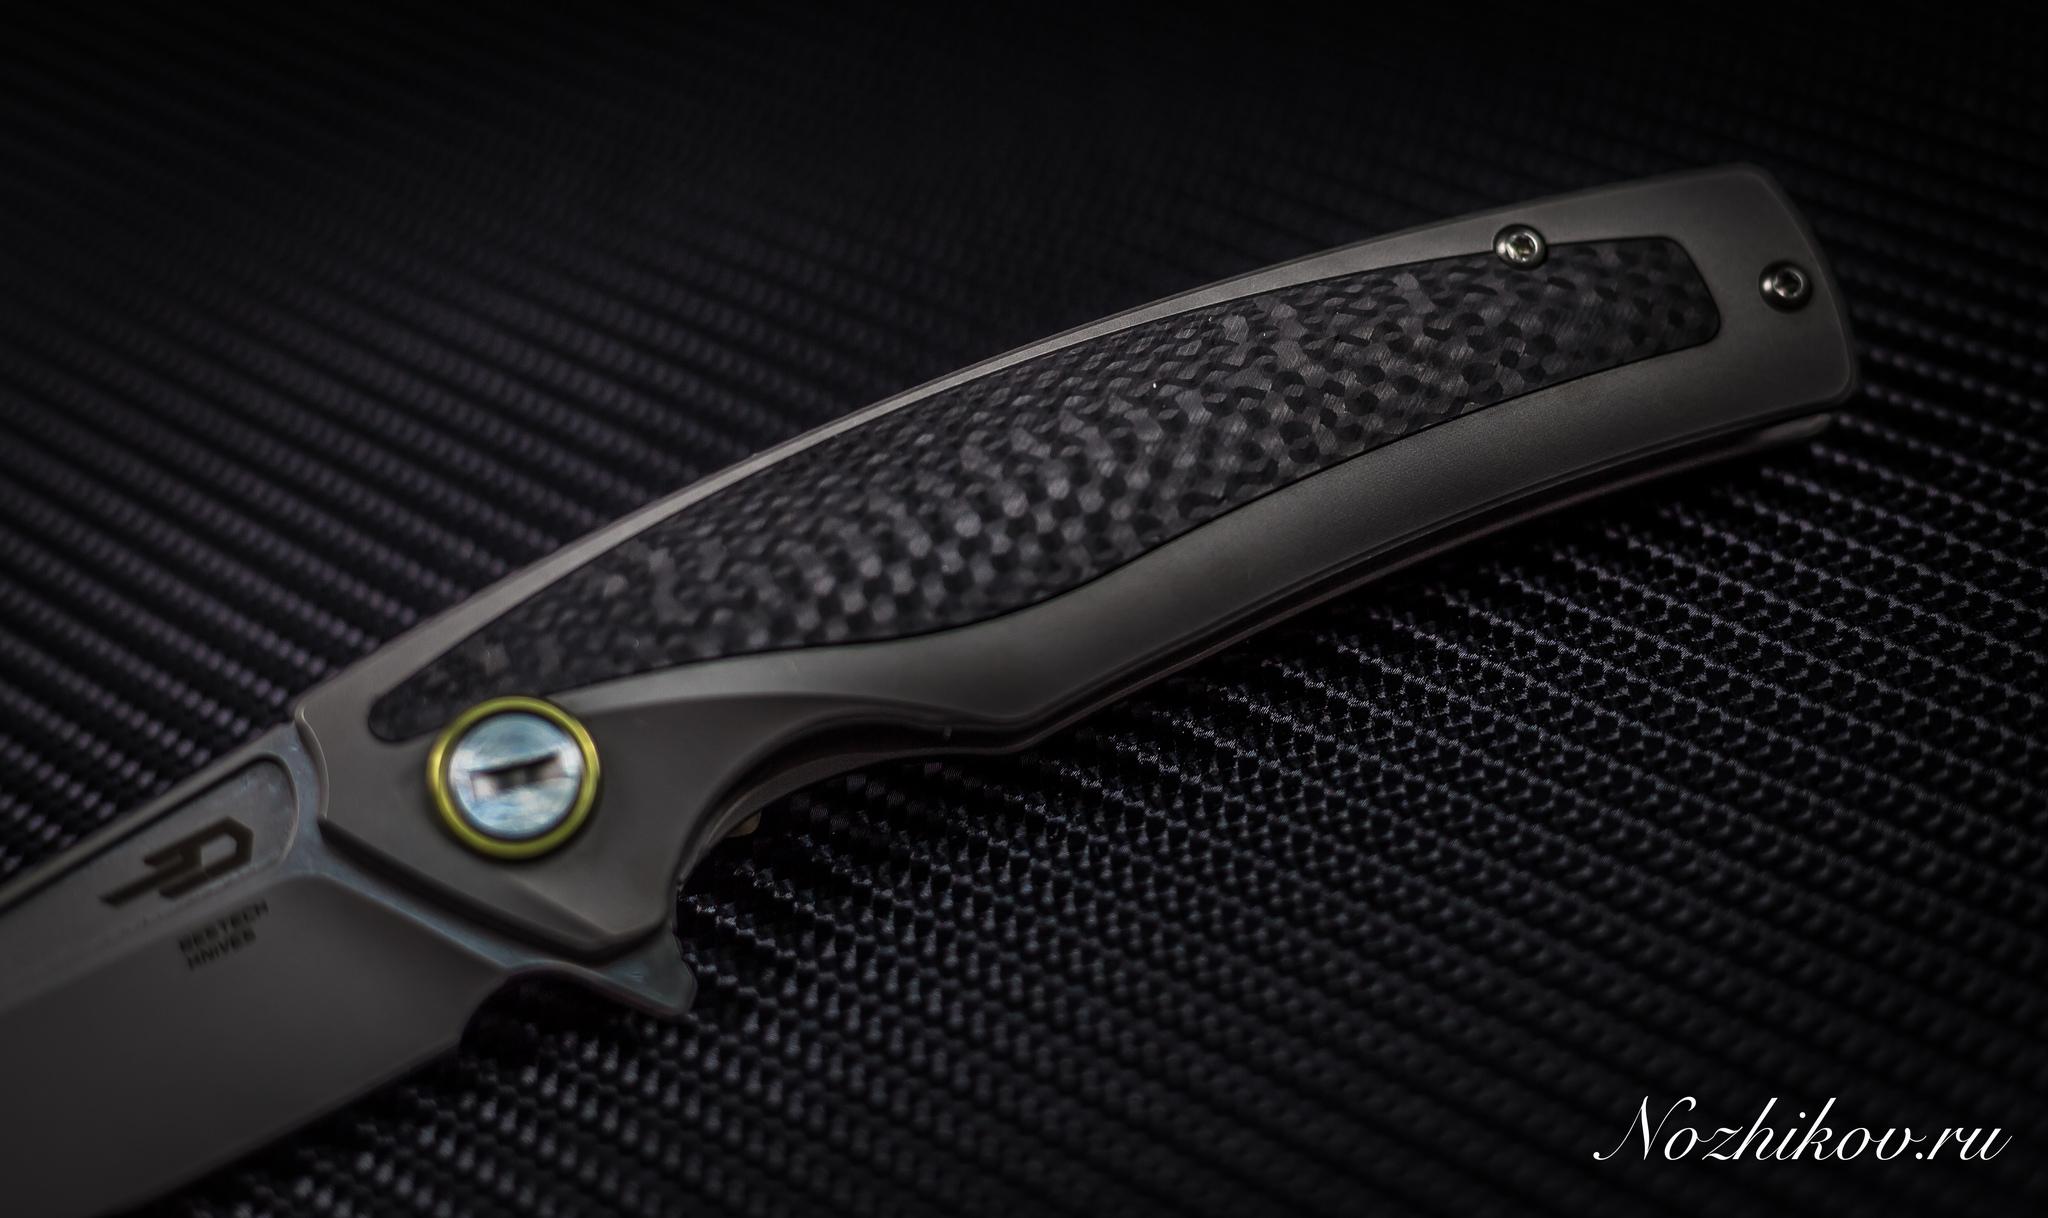 Фото 10 - Складной нож Bestech Predator BT1706B, сталь CPM-S35VN, рукоять титан от Bestech Knives